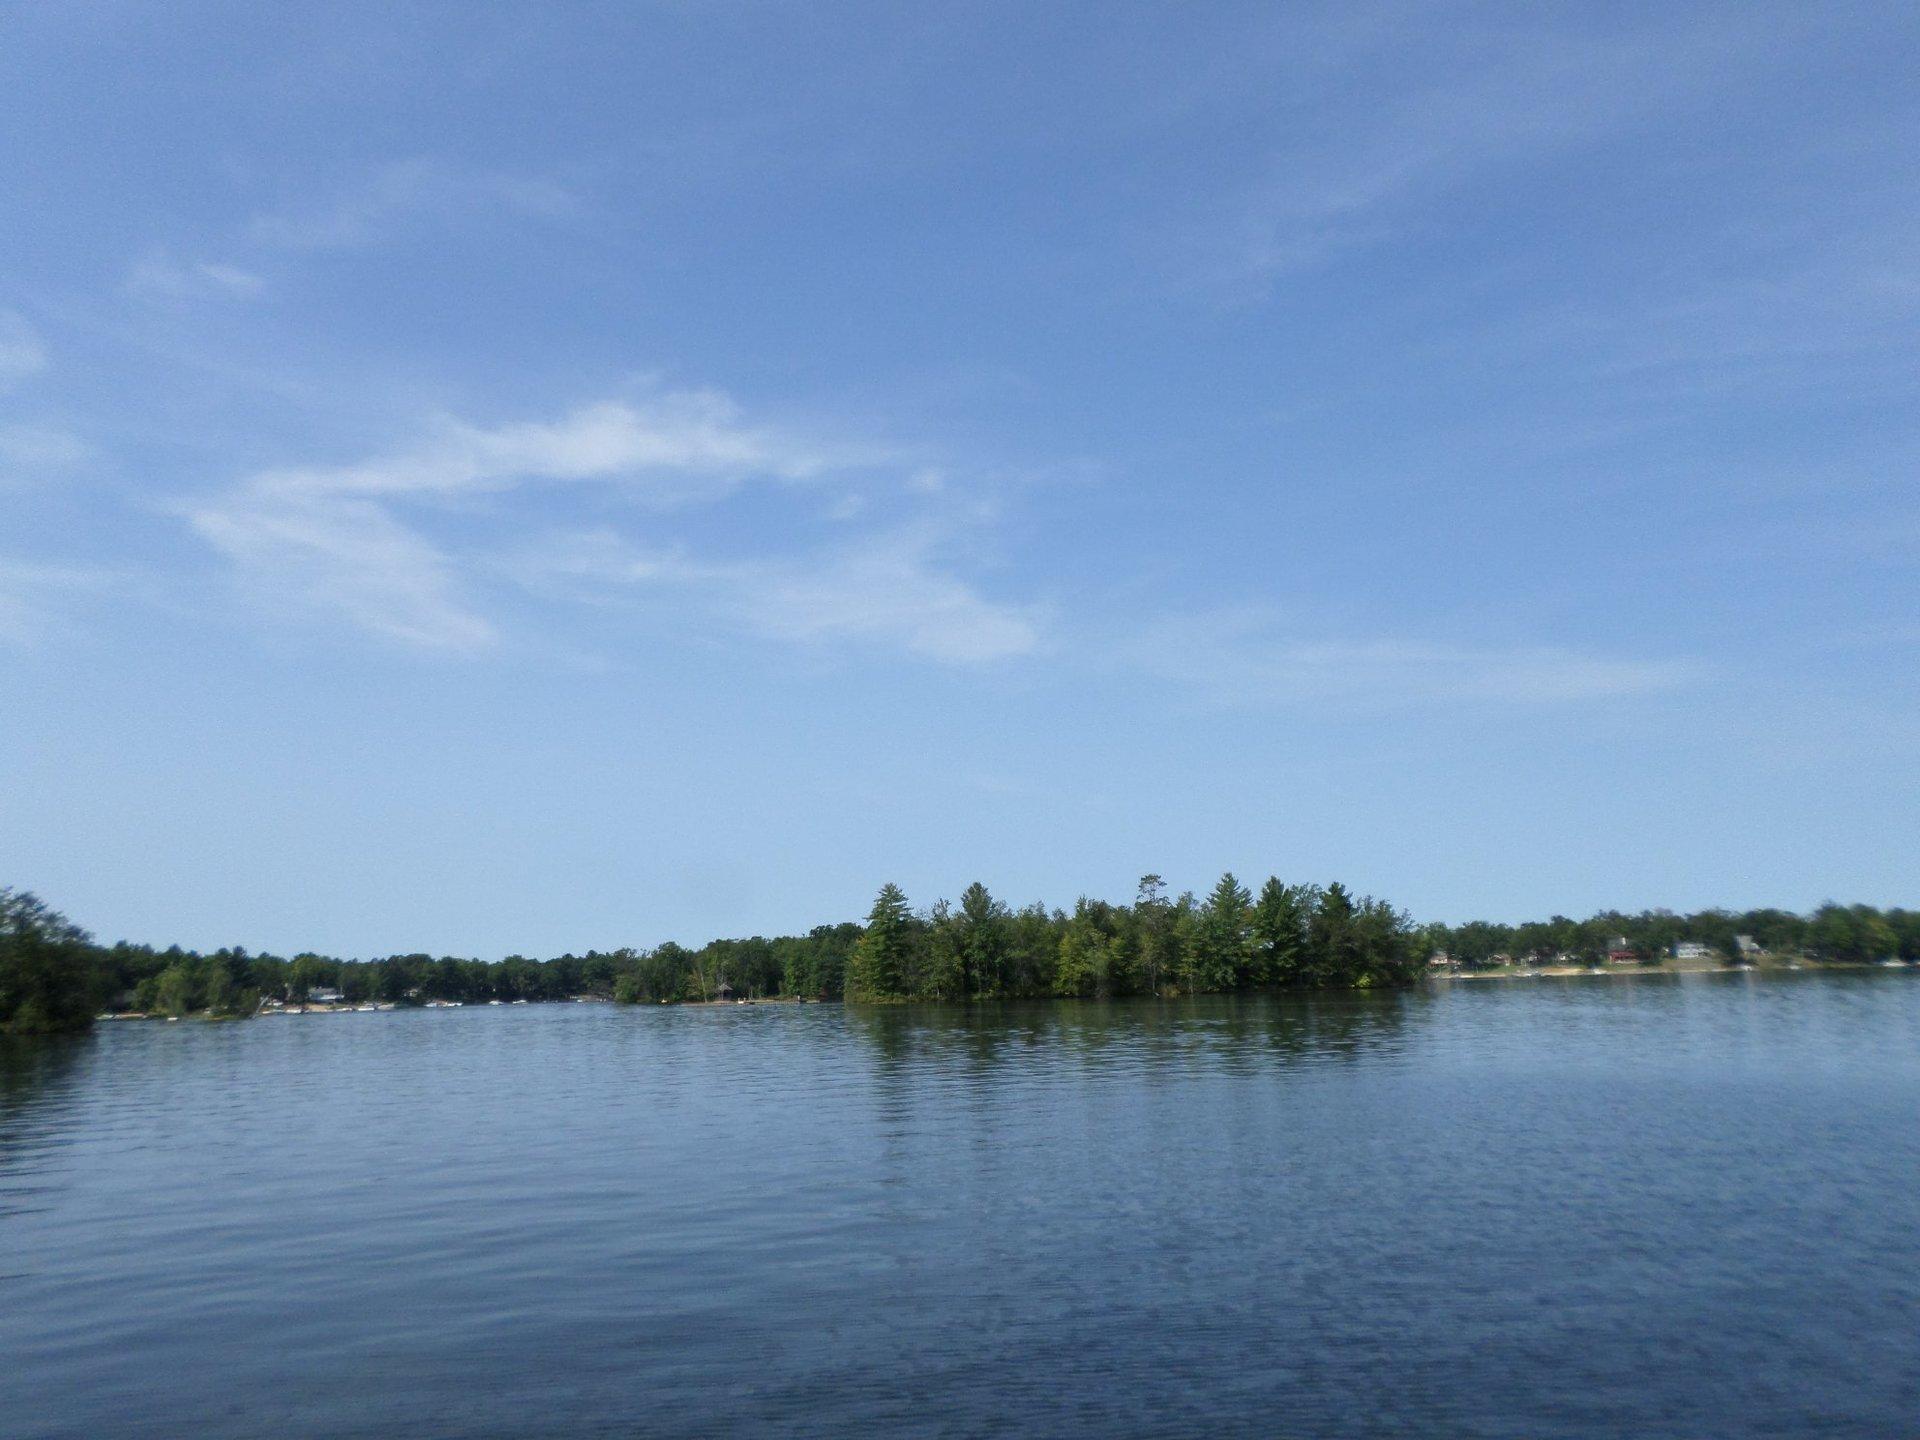 Lake Ogemaw Marina image 7